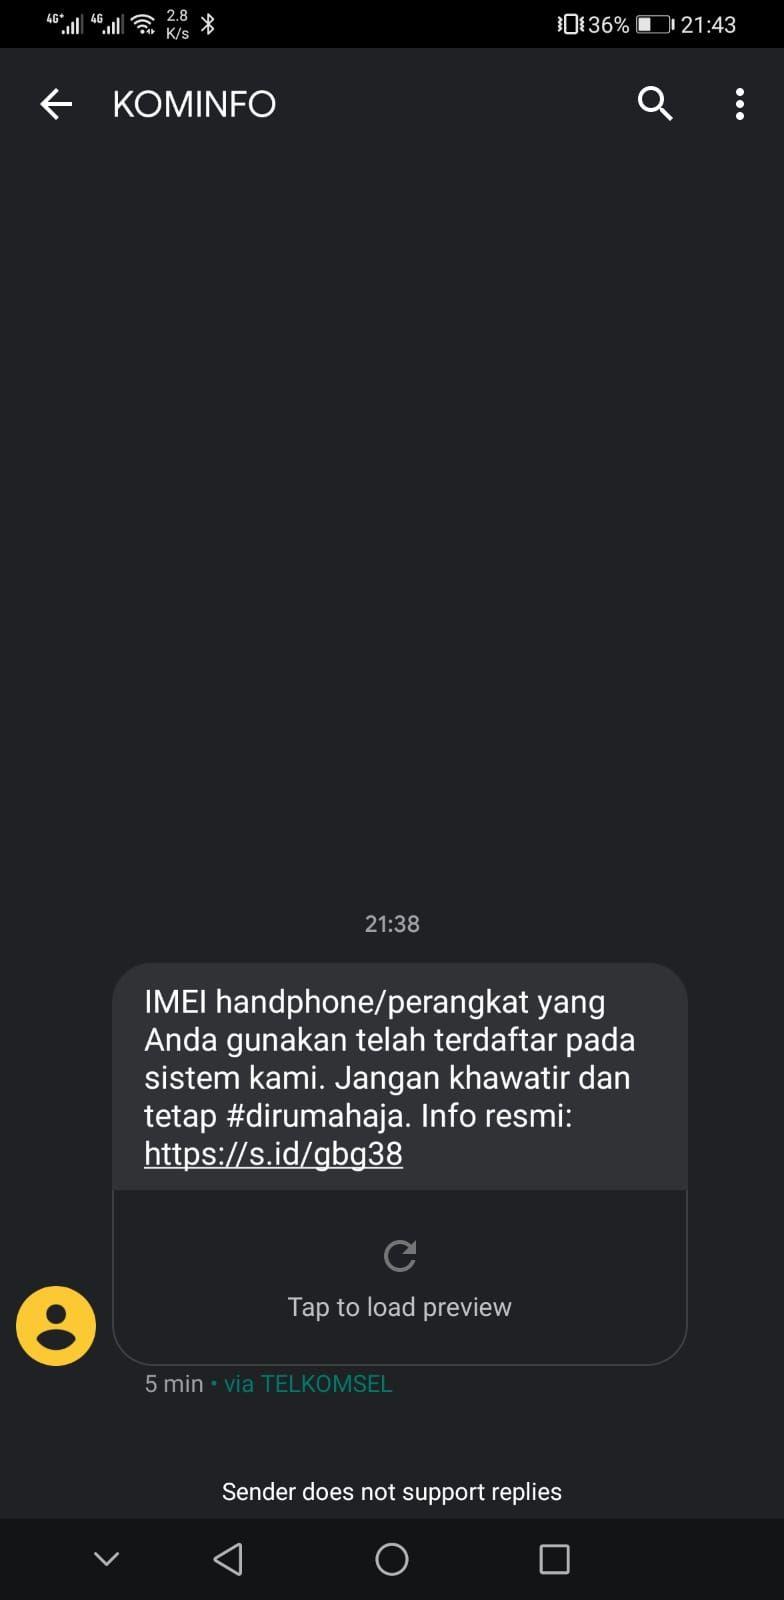 Contoh notifikasi SMS untuk menginfokan bahwa perangkat kalian itu legal untuk pelanggan Telkomsel.